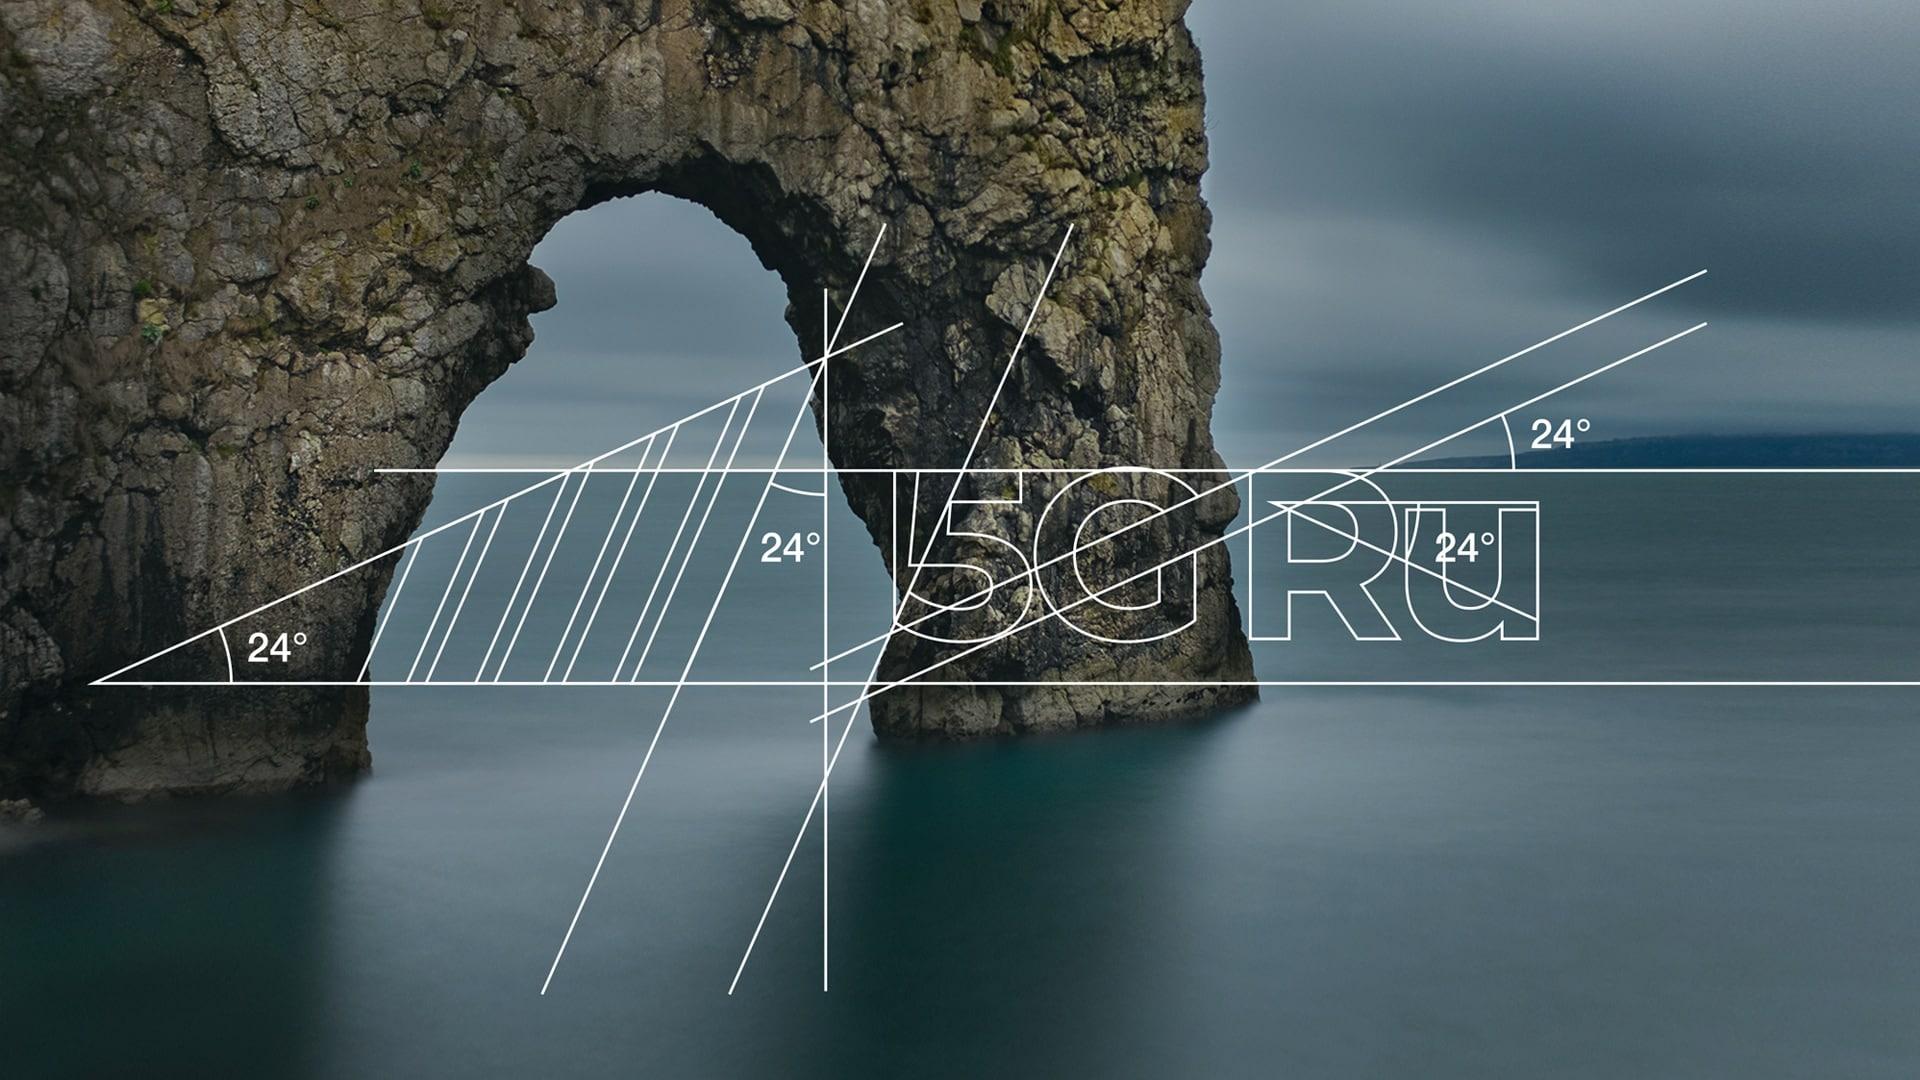 5G Rural Dorset logo inspiration